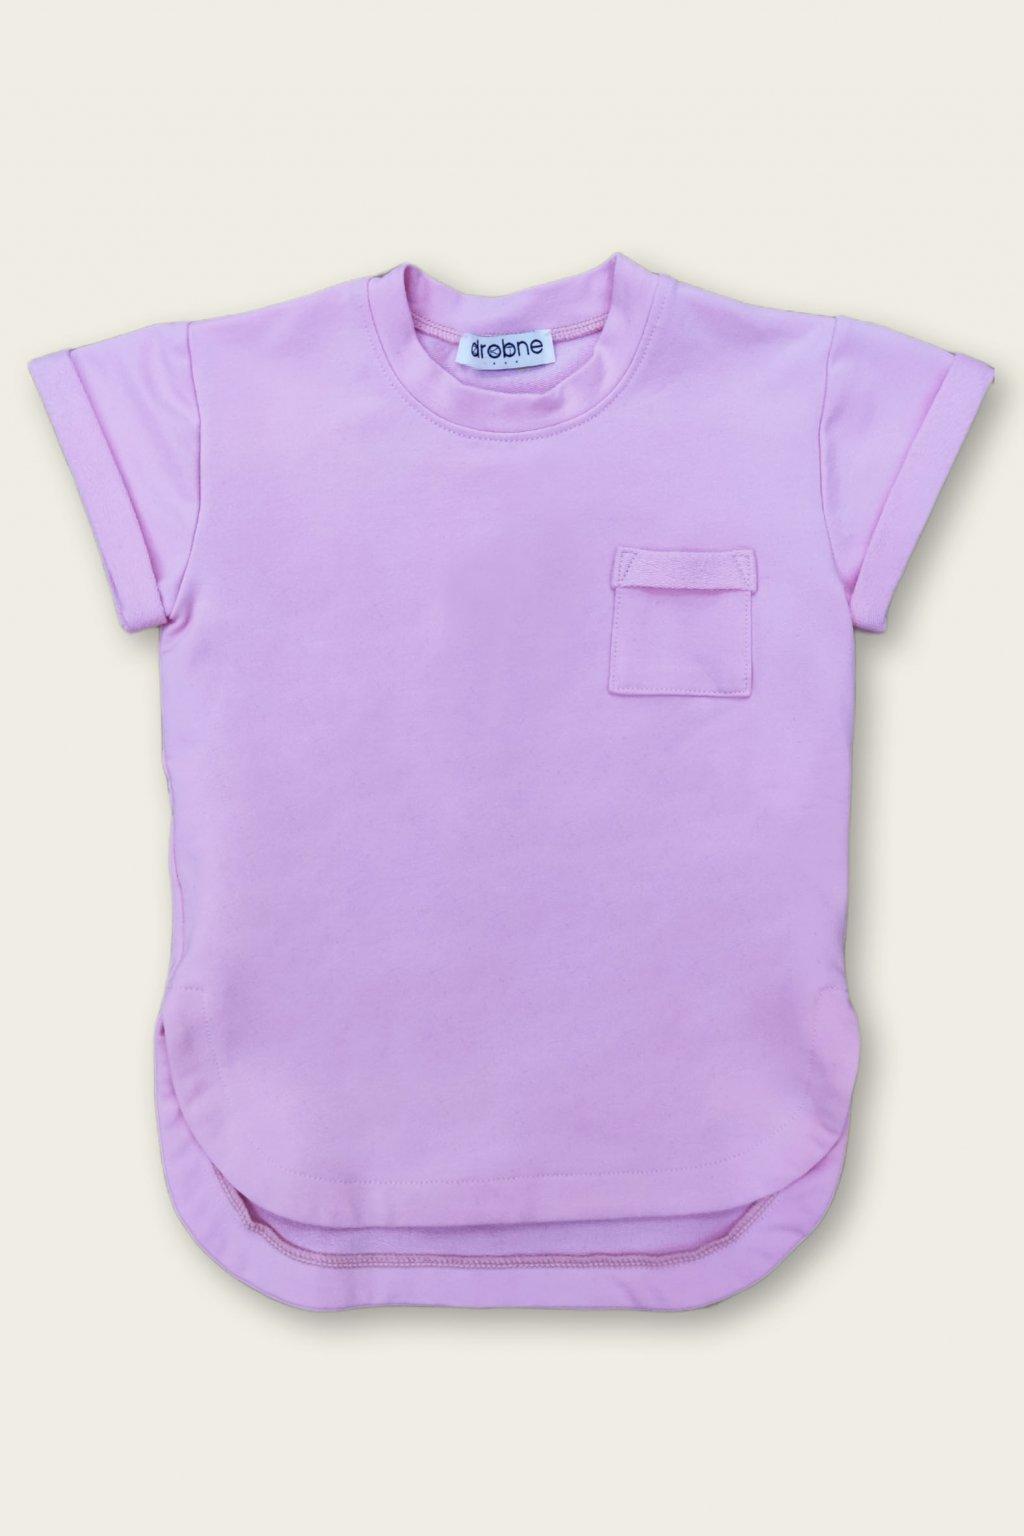 ružové tričko drobne